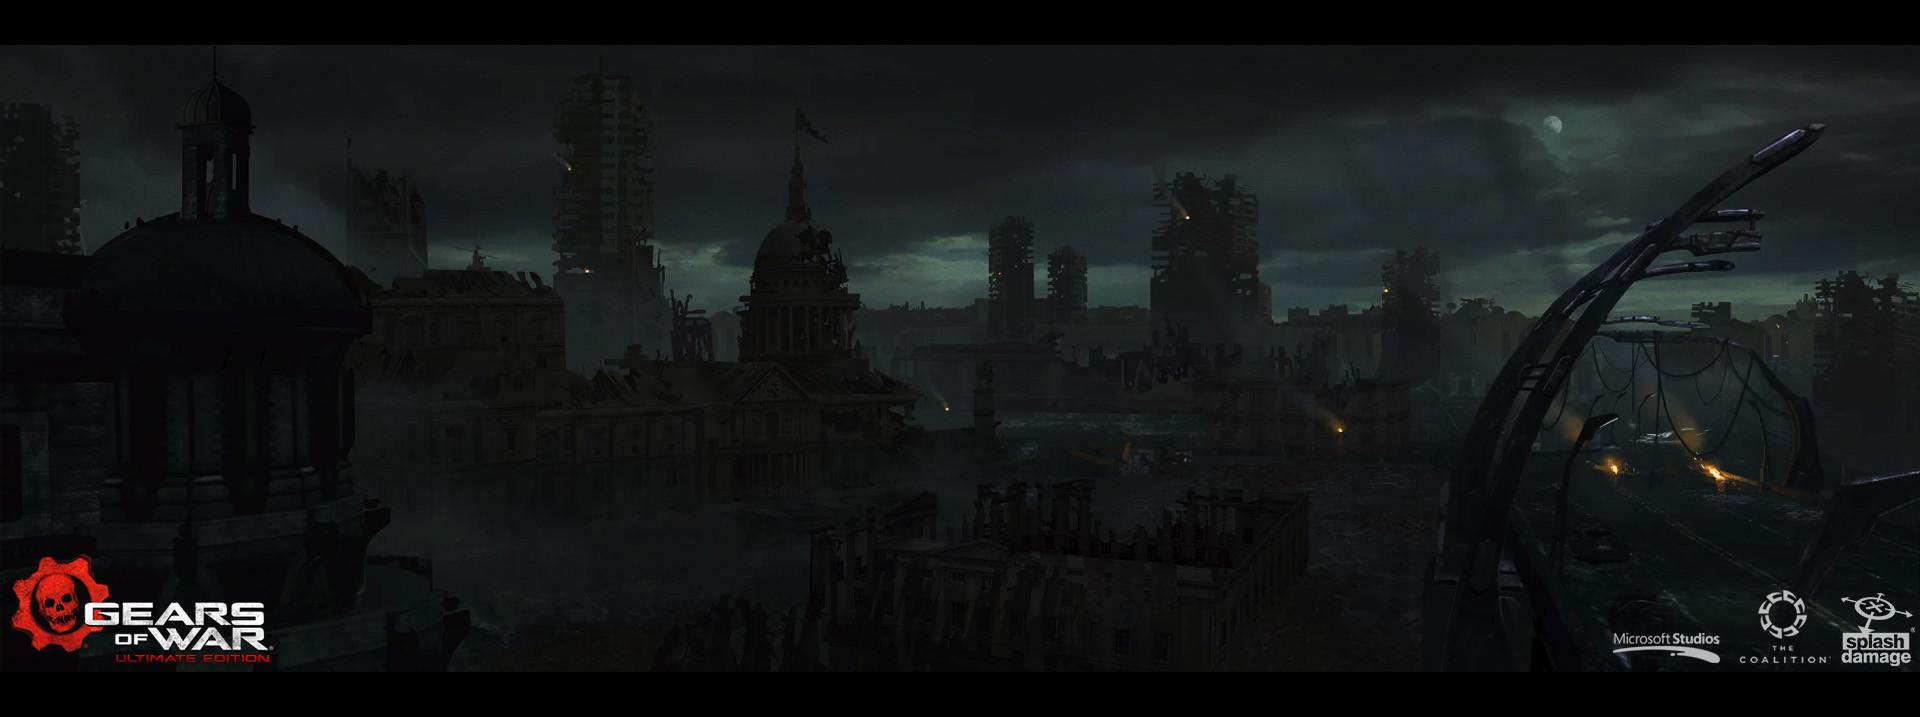 Gears of War - Concept Art